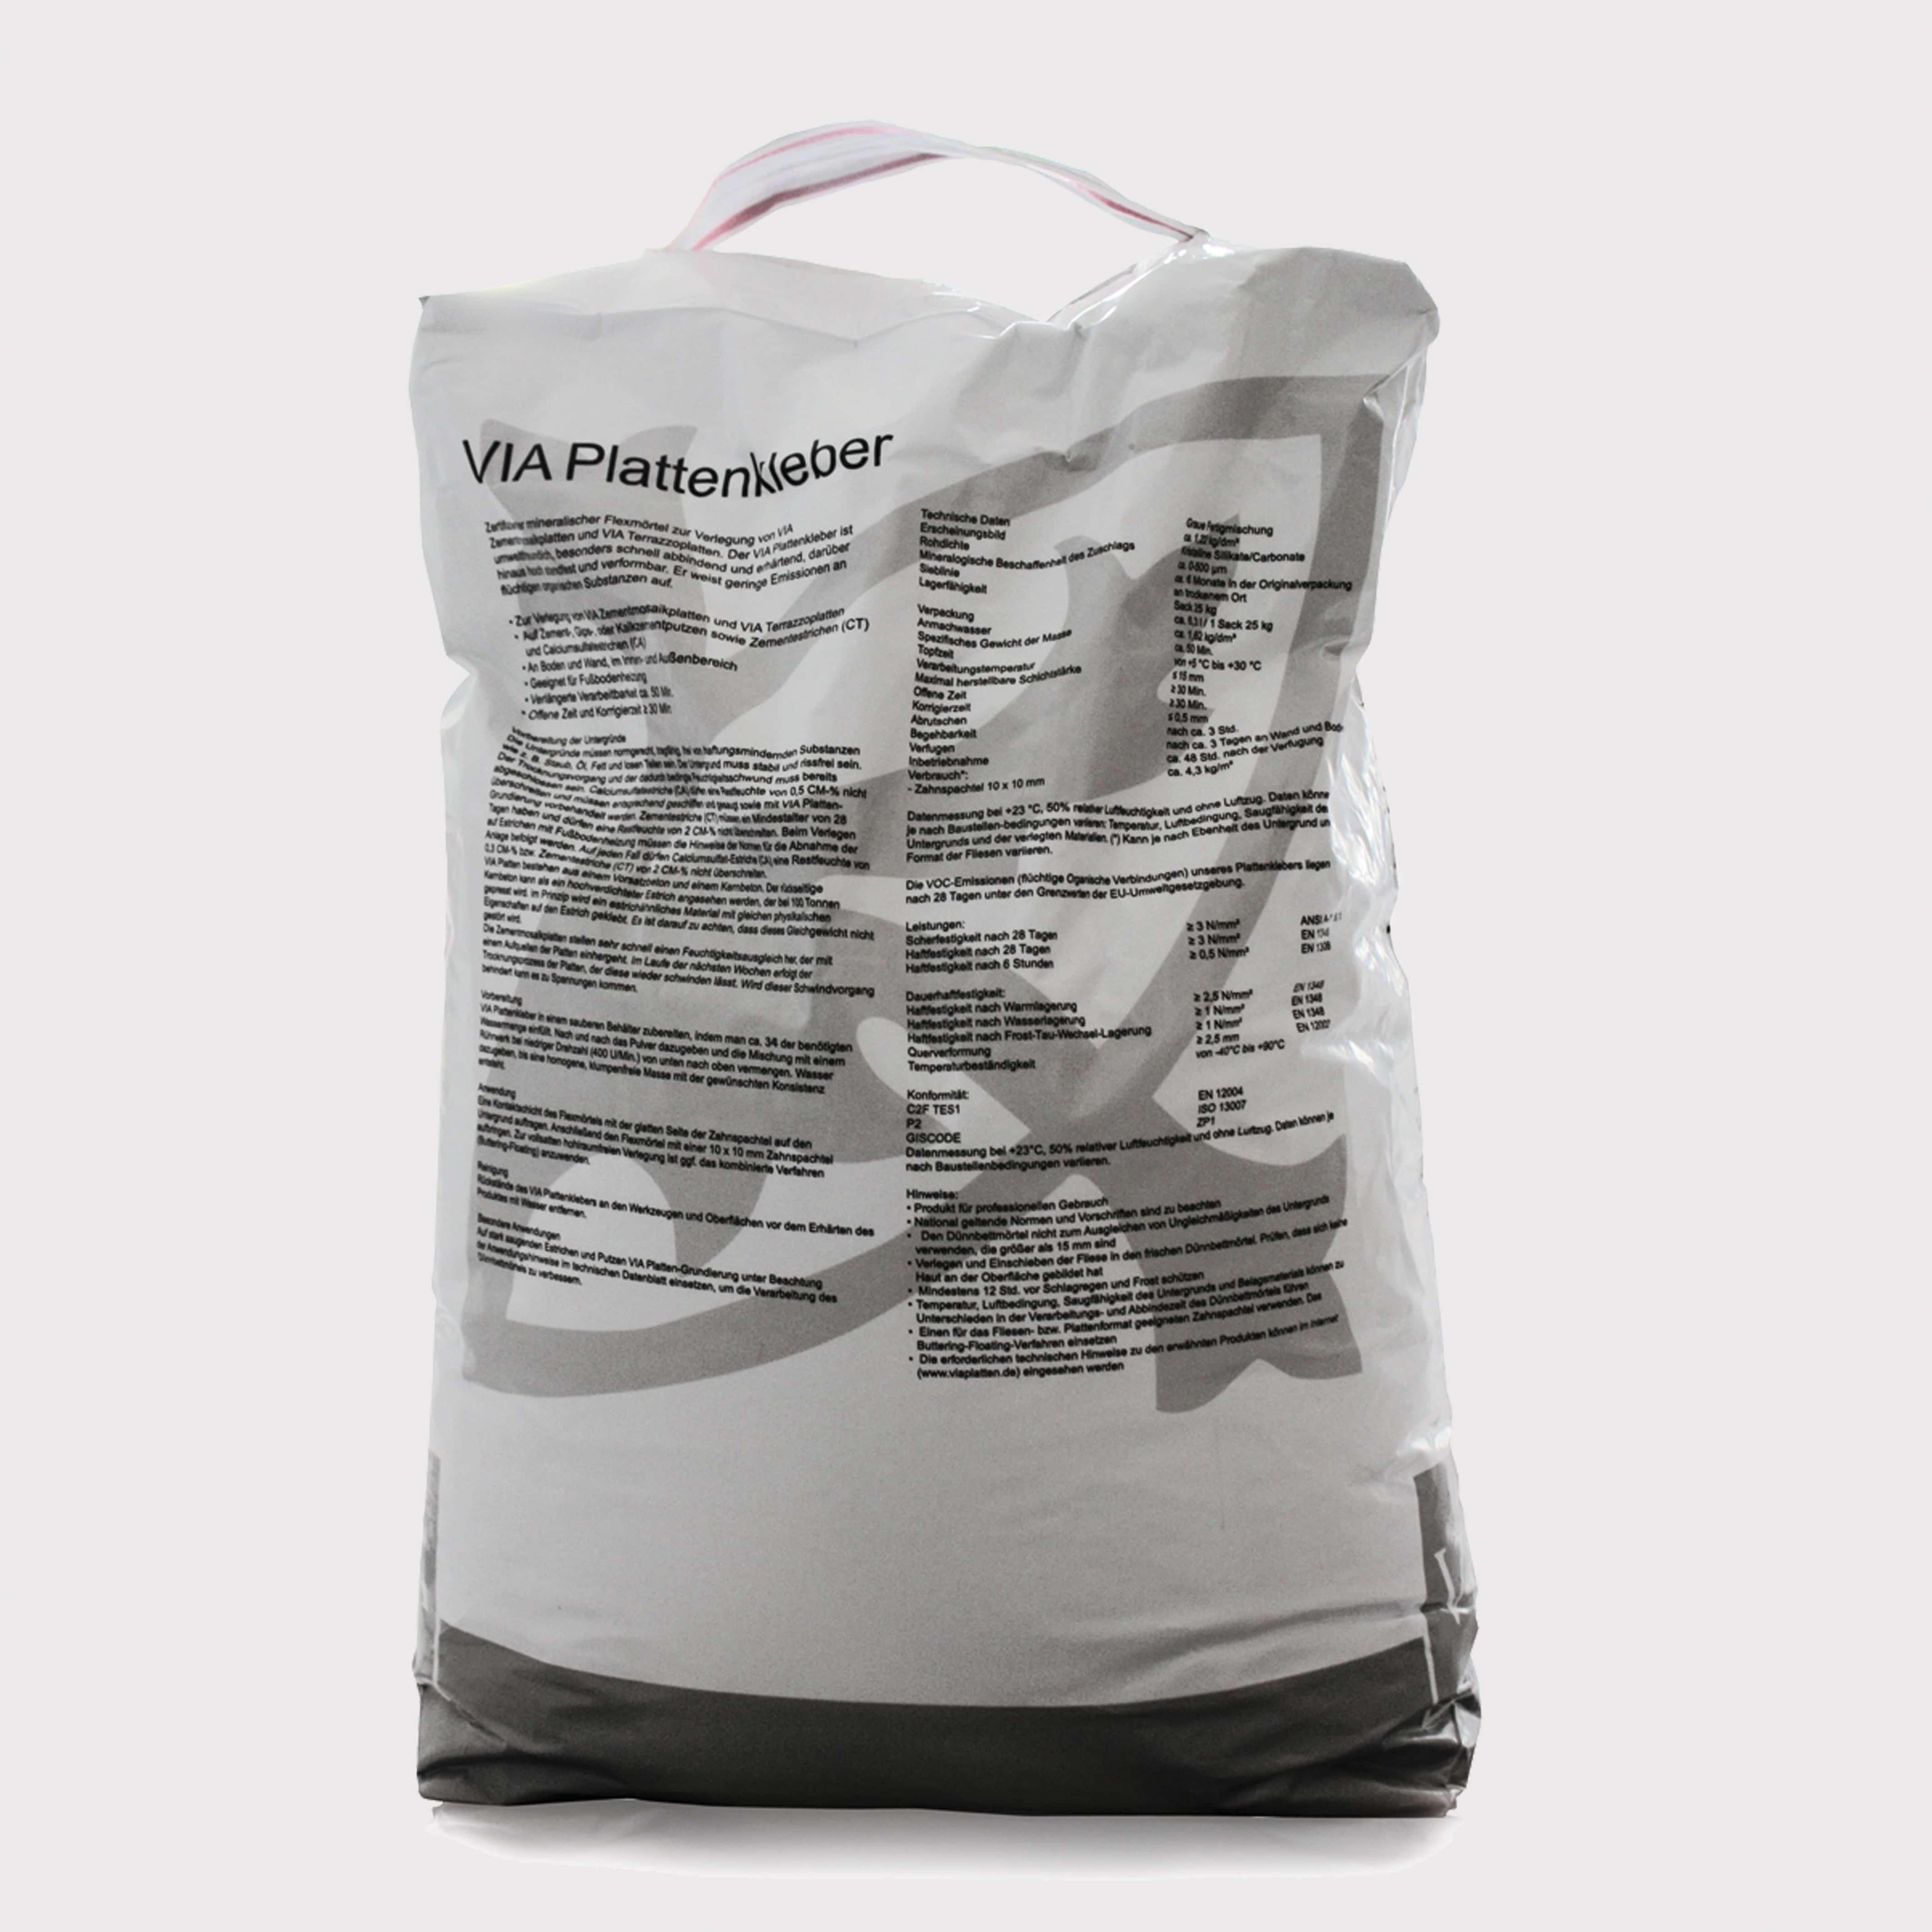 zementfliesen-Klebersack-verlegen-via-gmbh_(1) | VIA Plattenkleber